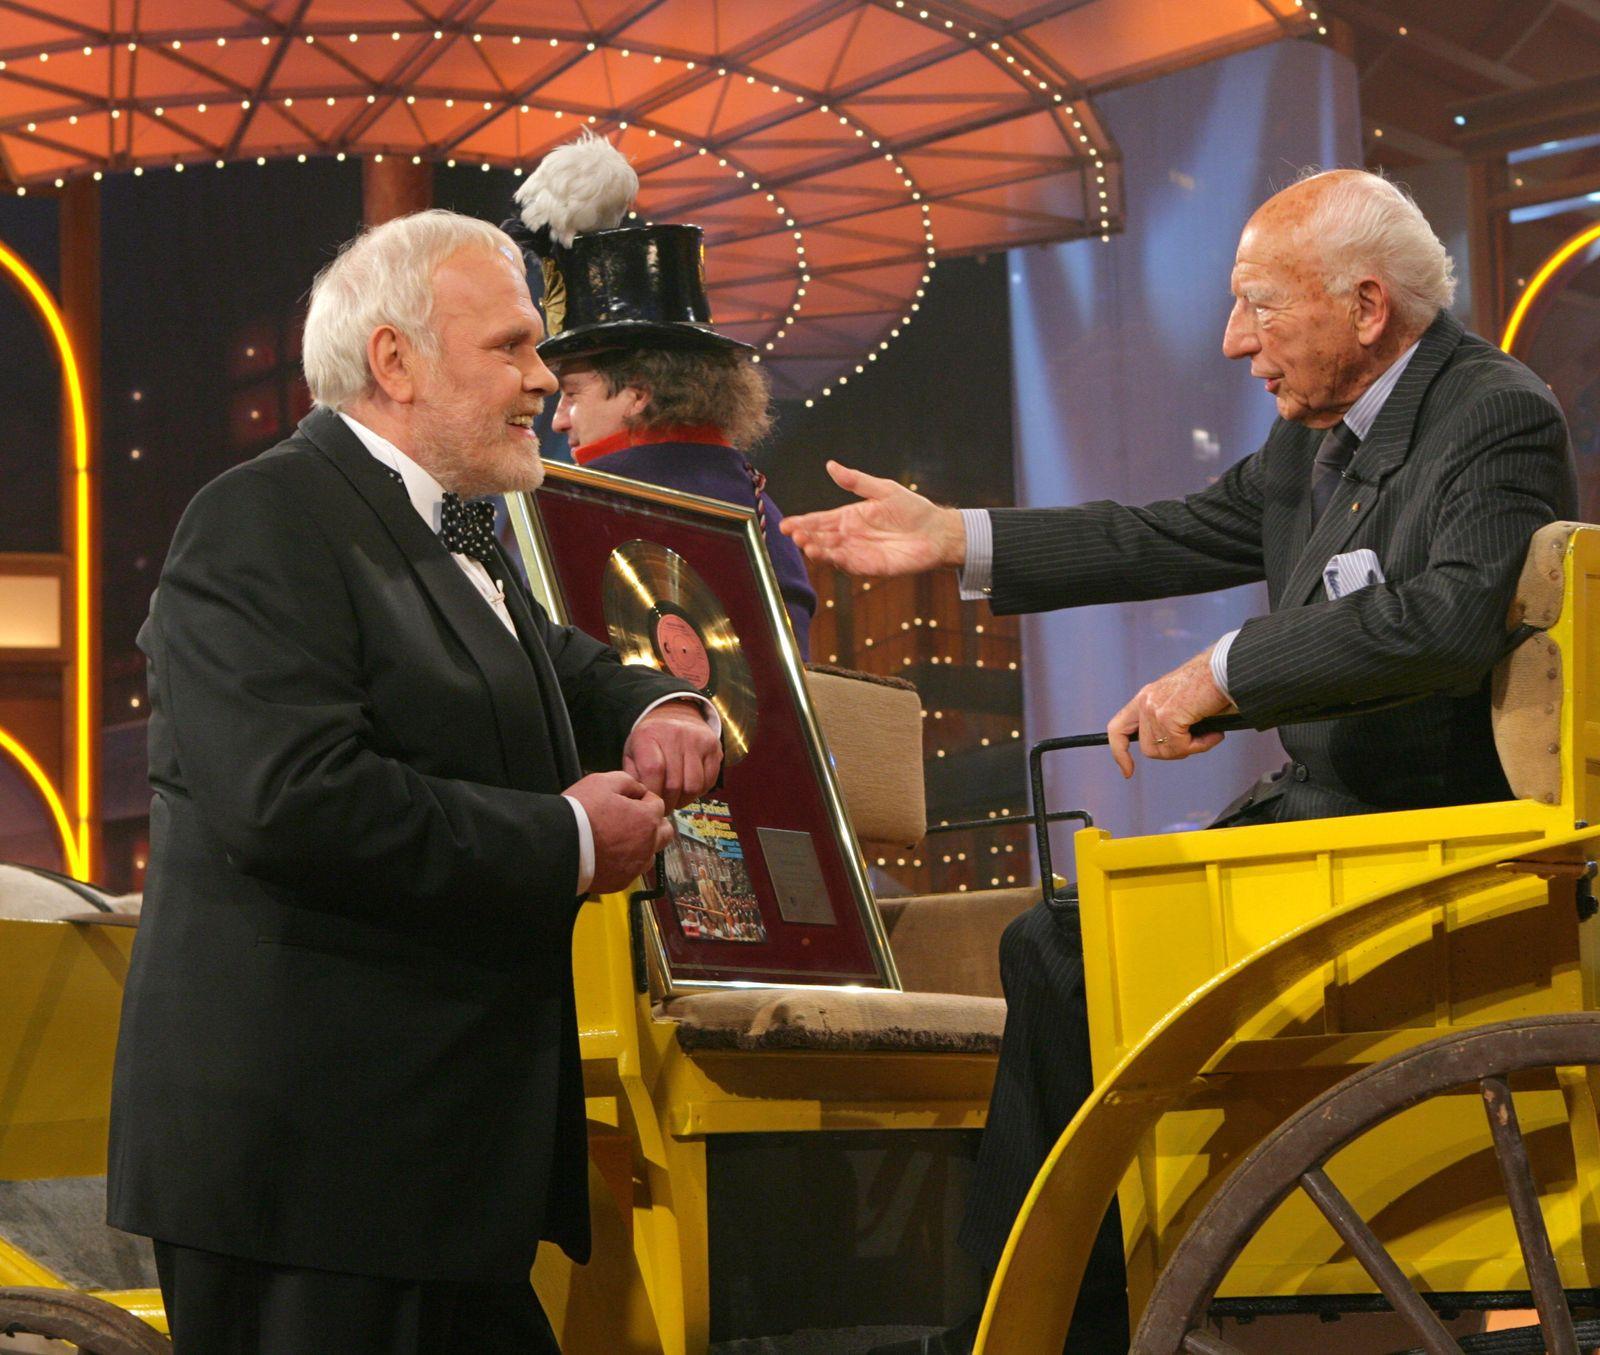 Walter Scheel auf dem gelben Wagen